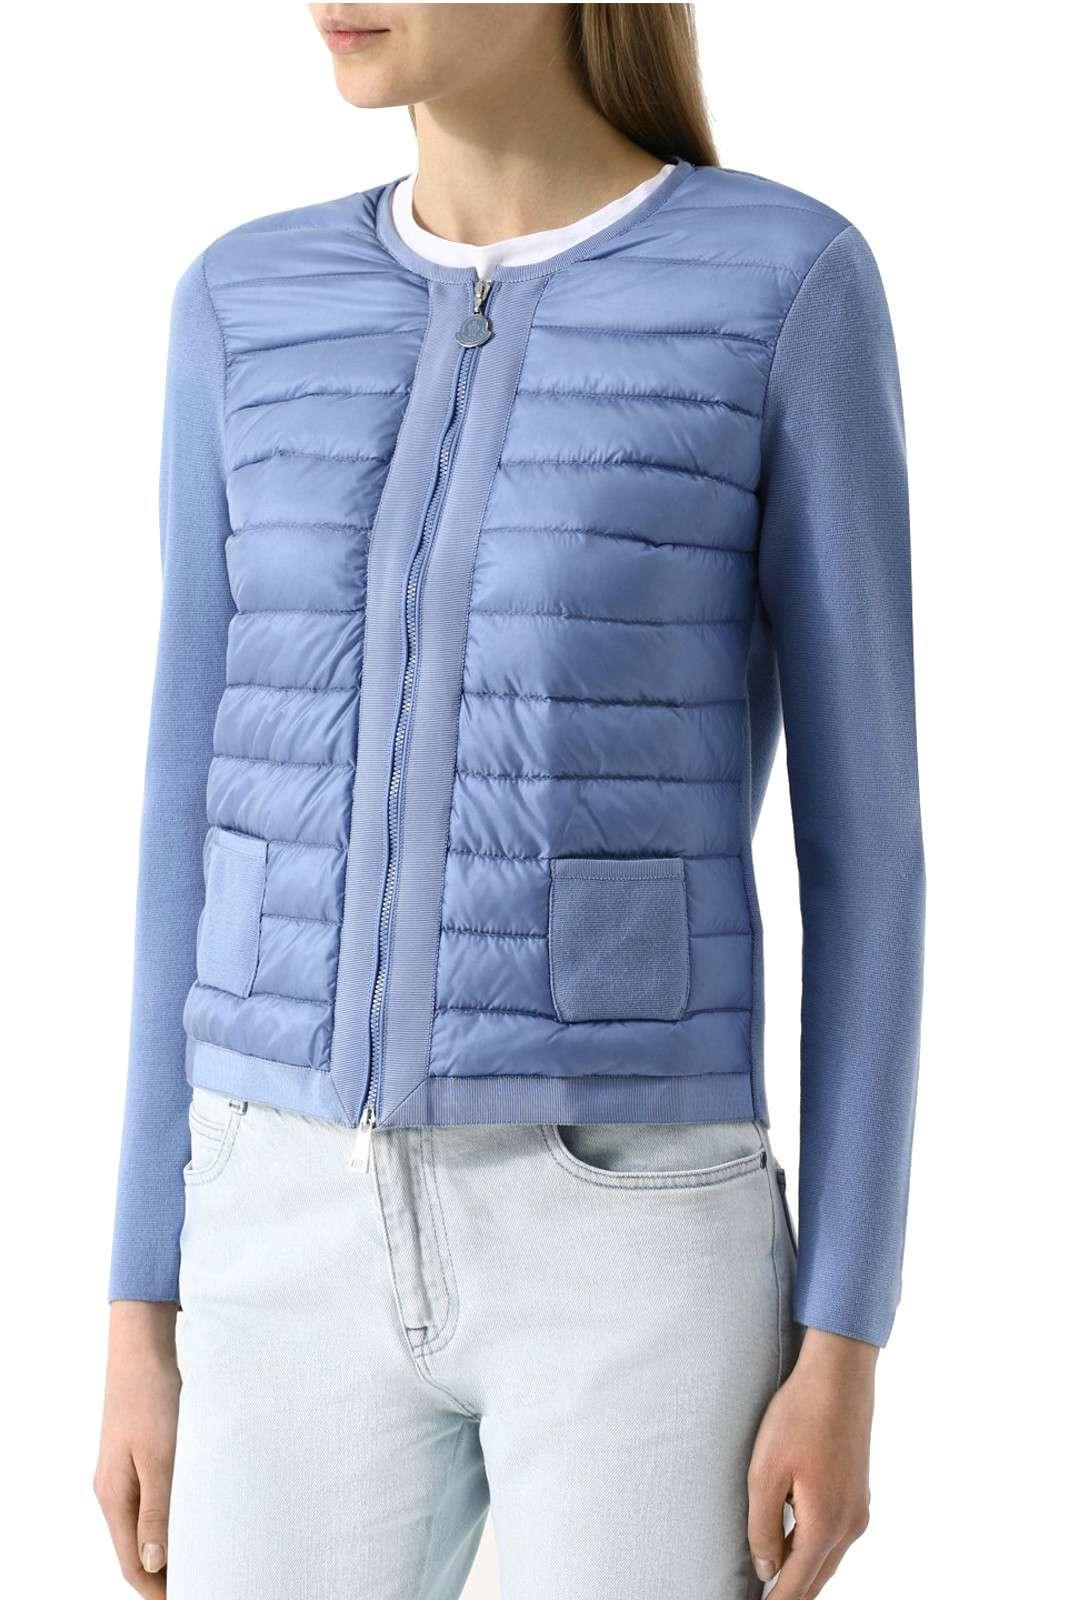 Una maglia tricot, chic e versatile, questa firmata Moncler, ideale per il lavoro, e le occasioni più trendy.  Da indossare sopra maglioncini o bluse, a mo di cardigan, o anche come giacca.  Per la donna che ama outfit glamour e di tendenza.